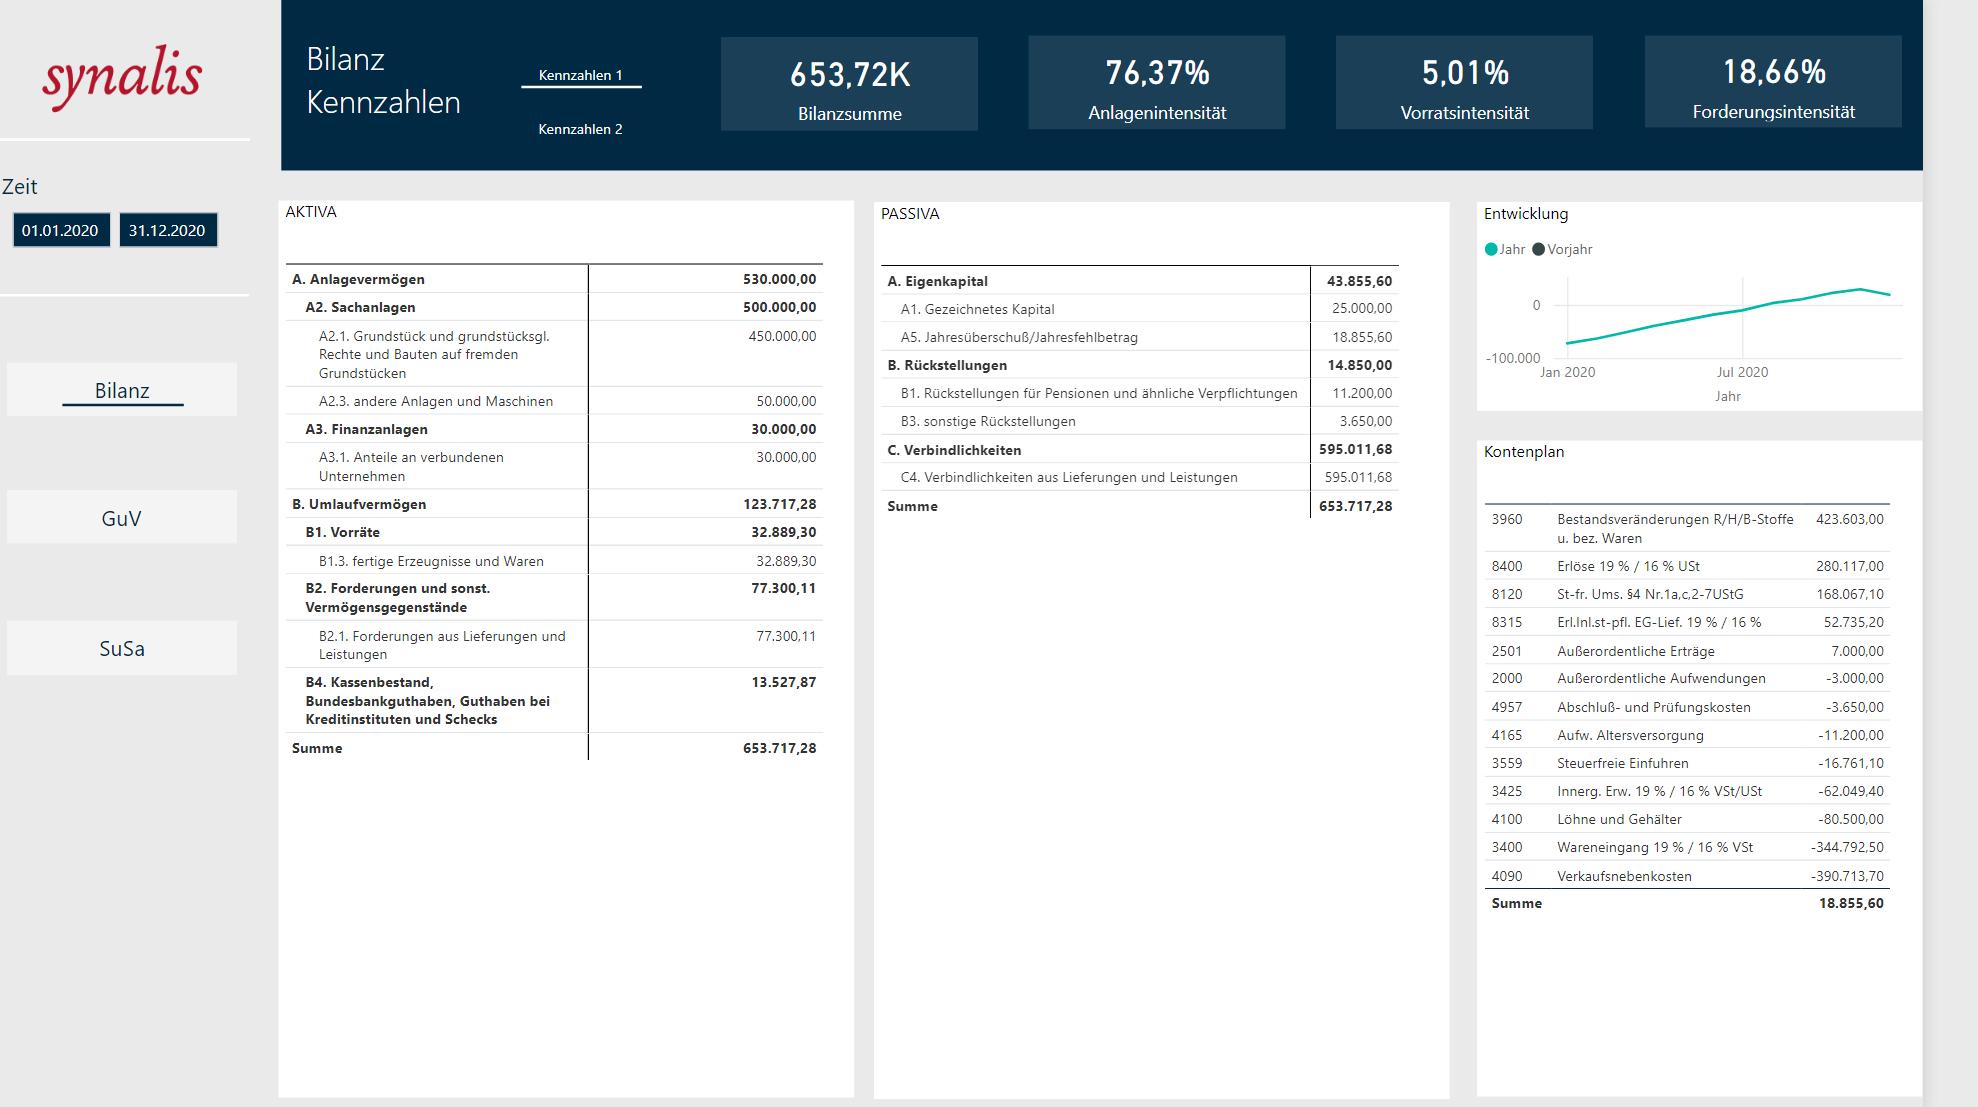 Dashboard mit Auswertung von Unternehmensdaten durch Power BI